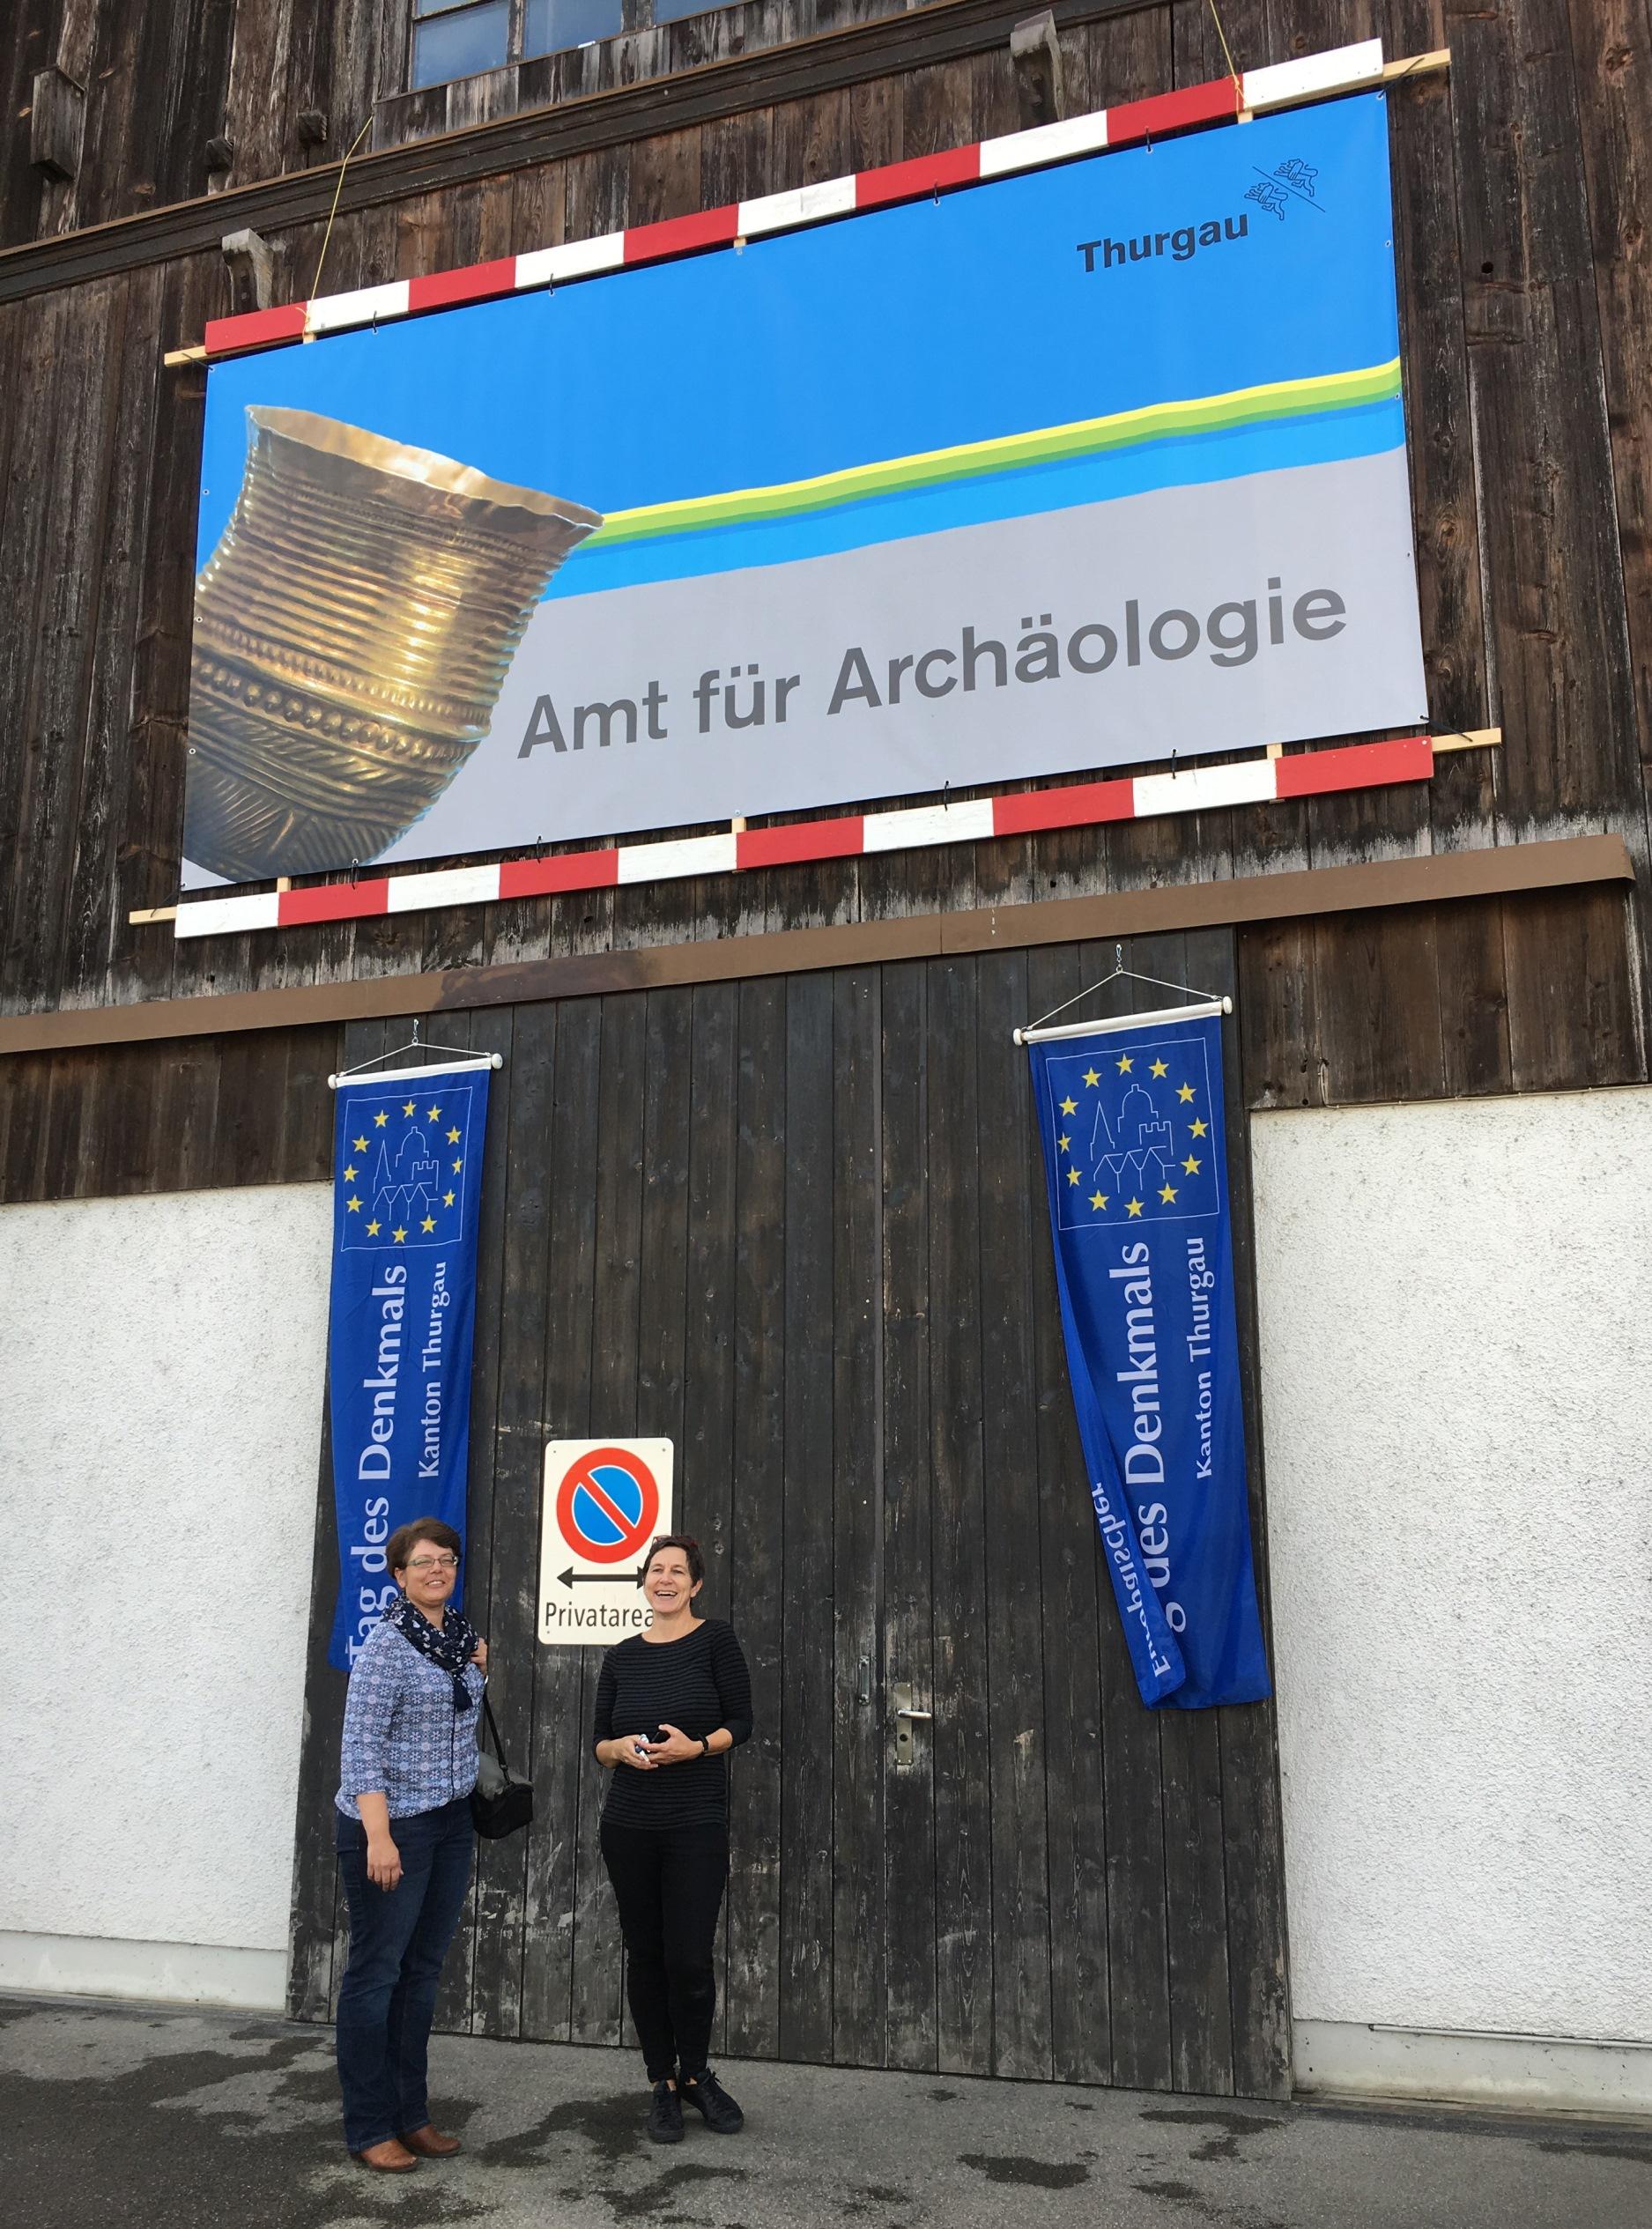 Bild aus der Archäologie